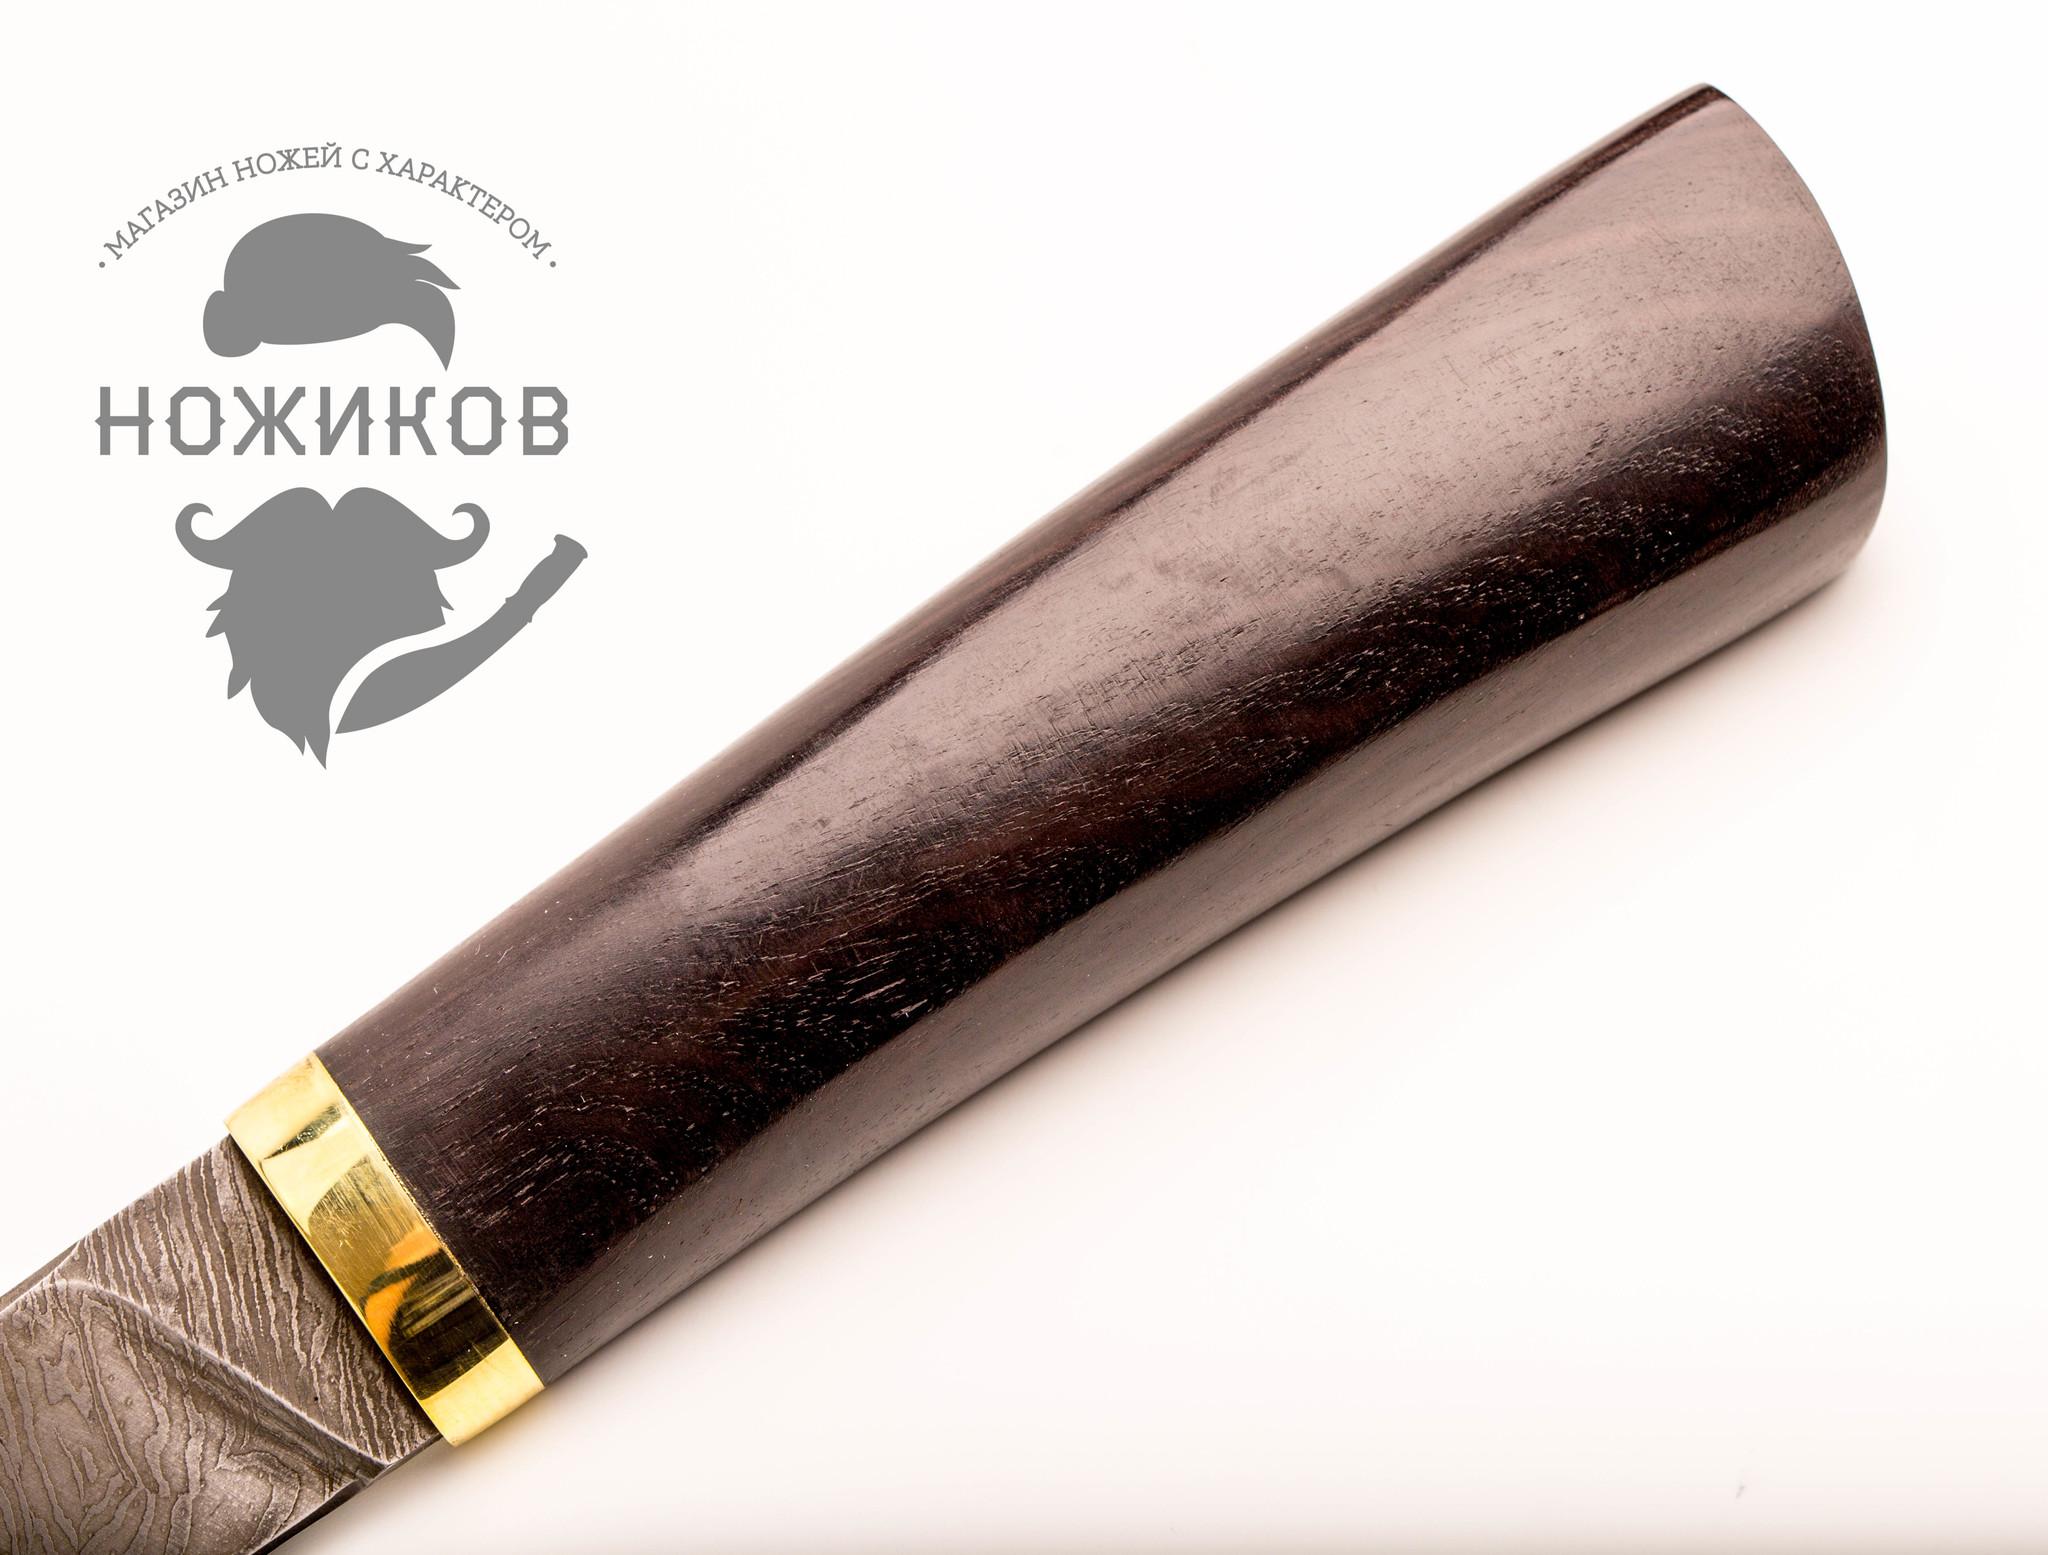 Фото 12 - Нож Тайга, дамасская сталь от Промтехснаб